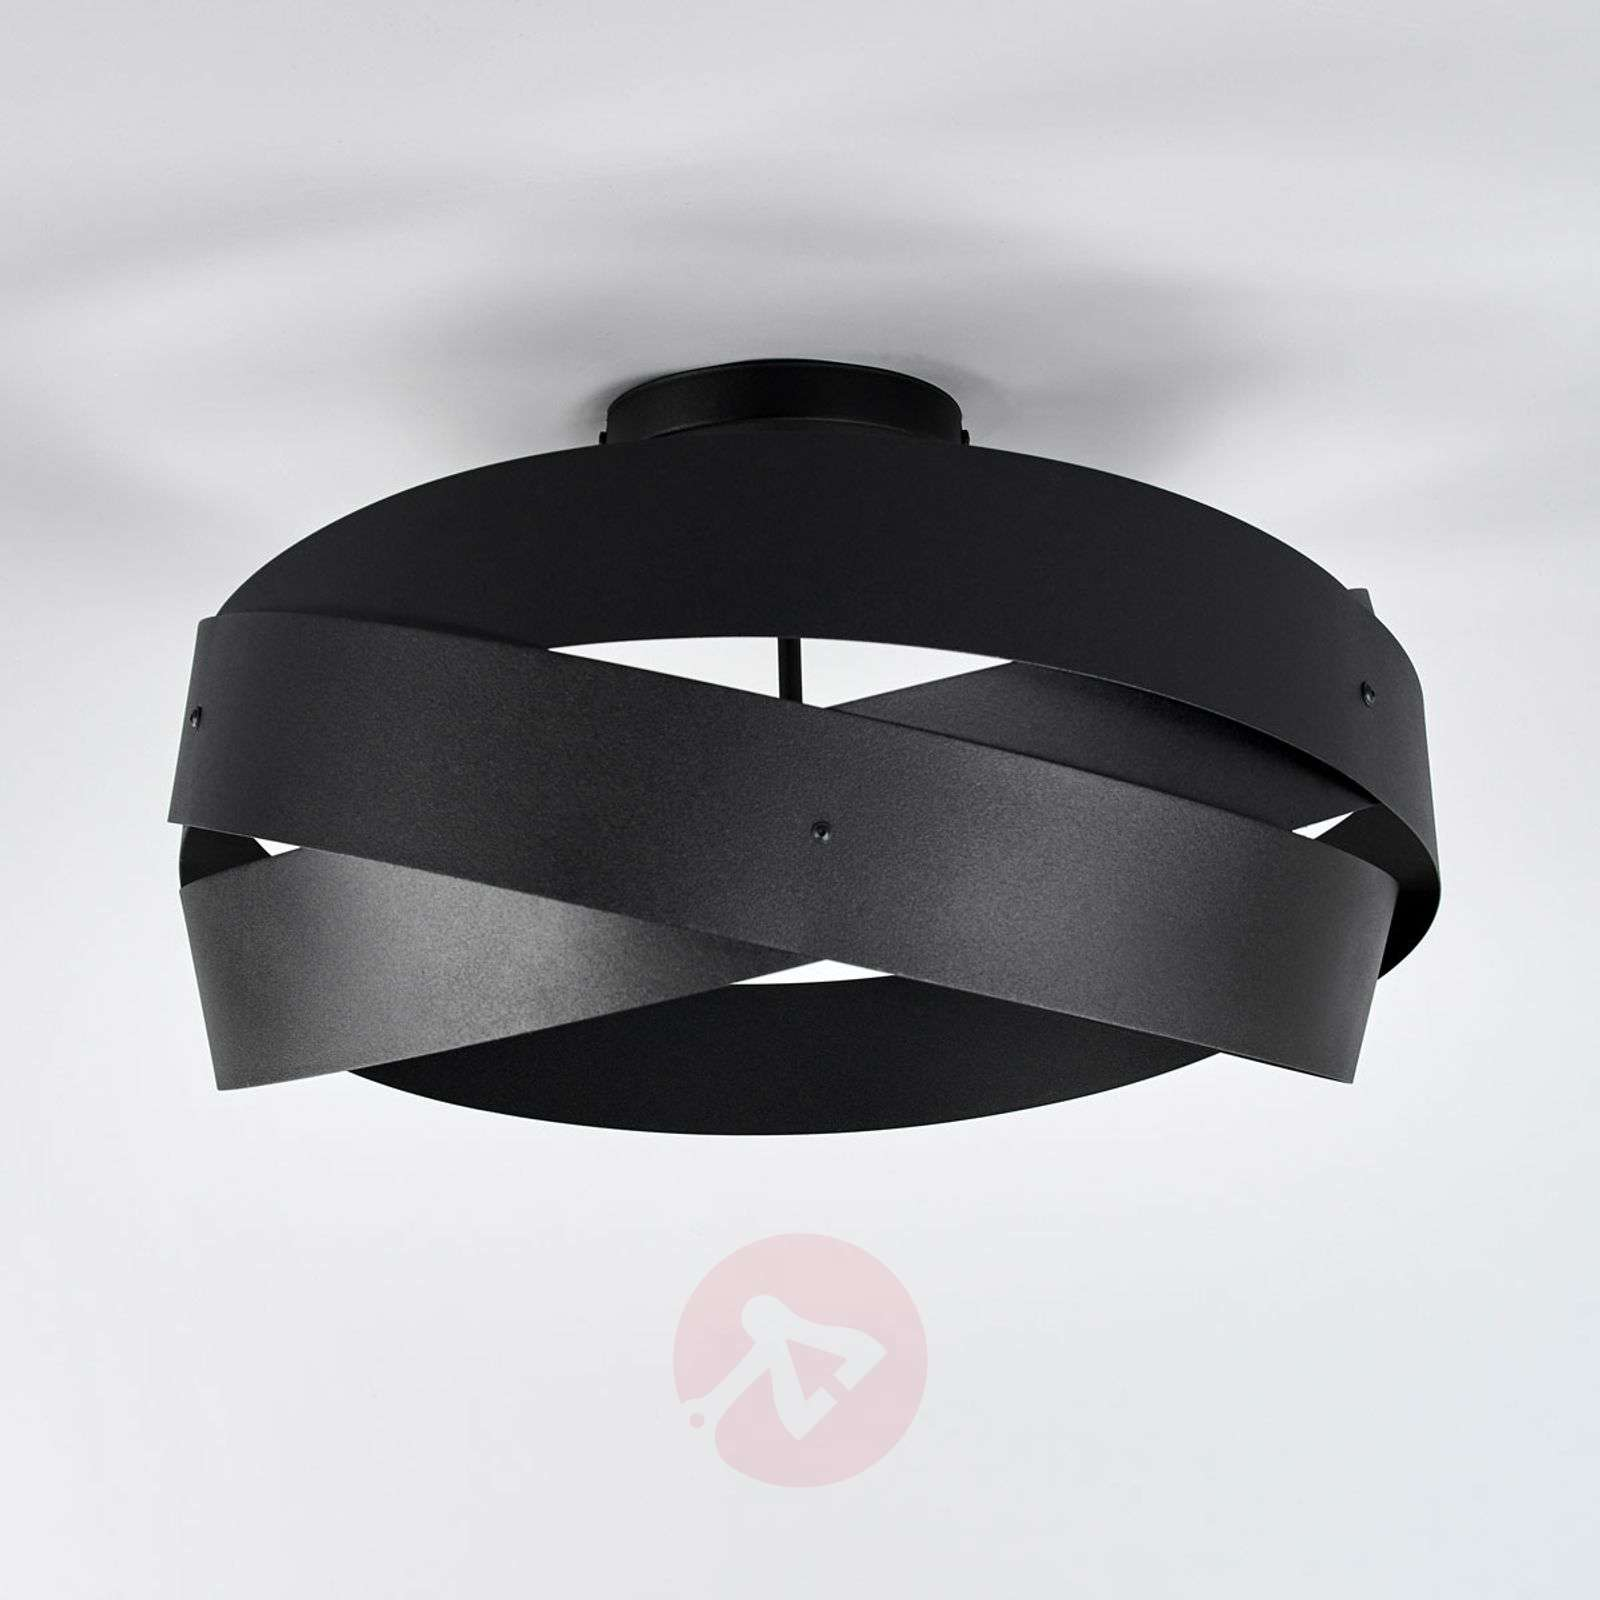 Black Tornado ceiling light-6089023-01